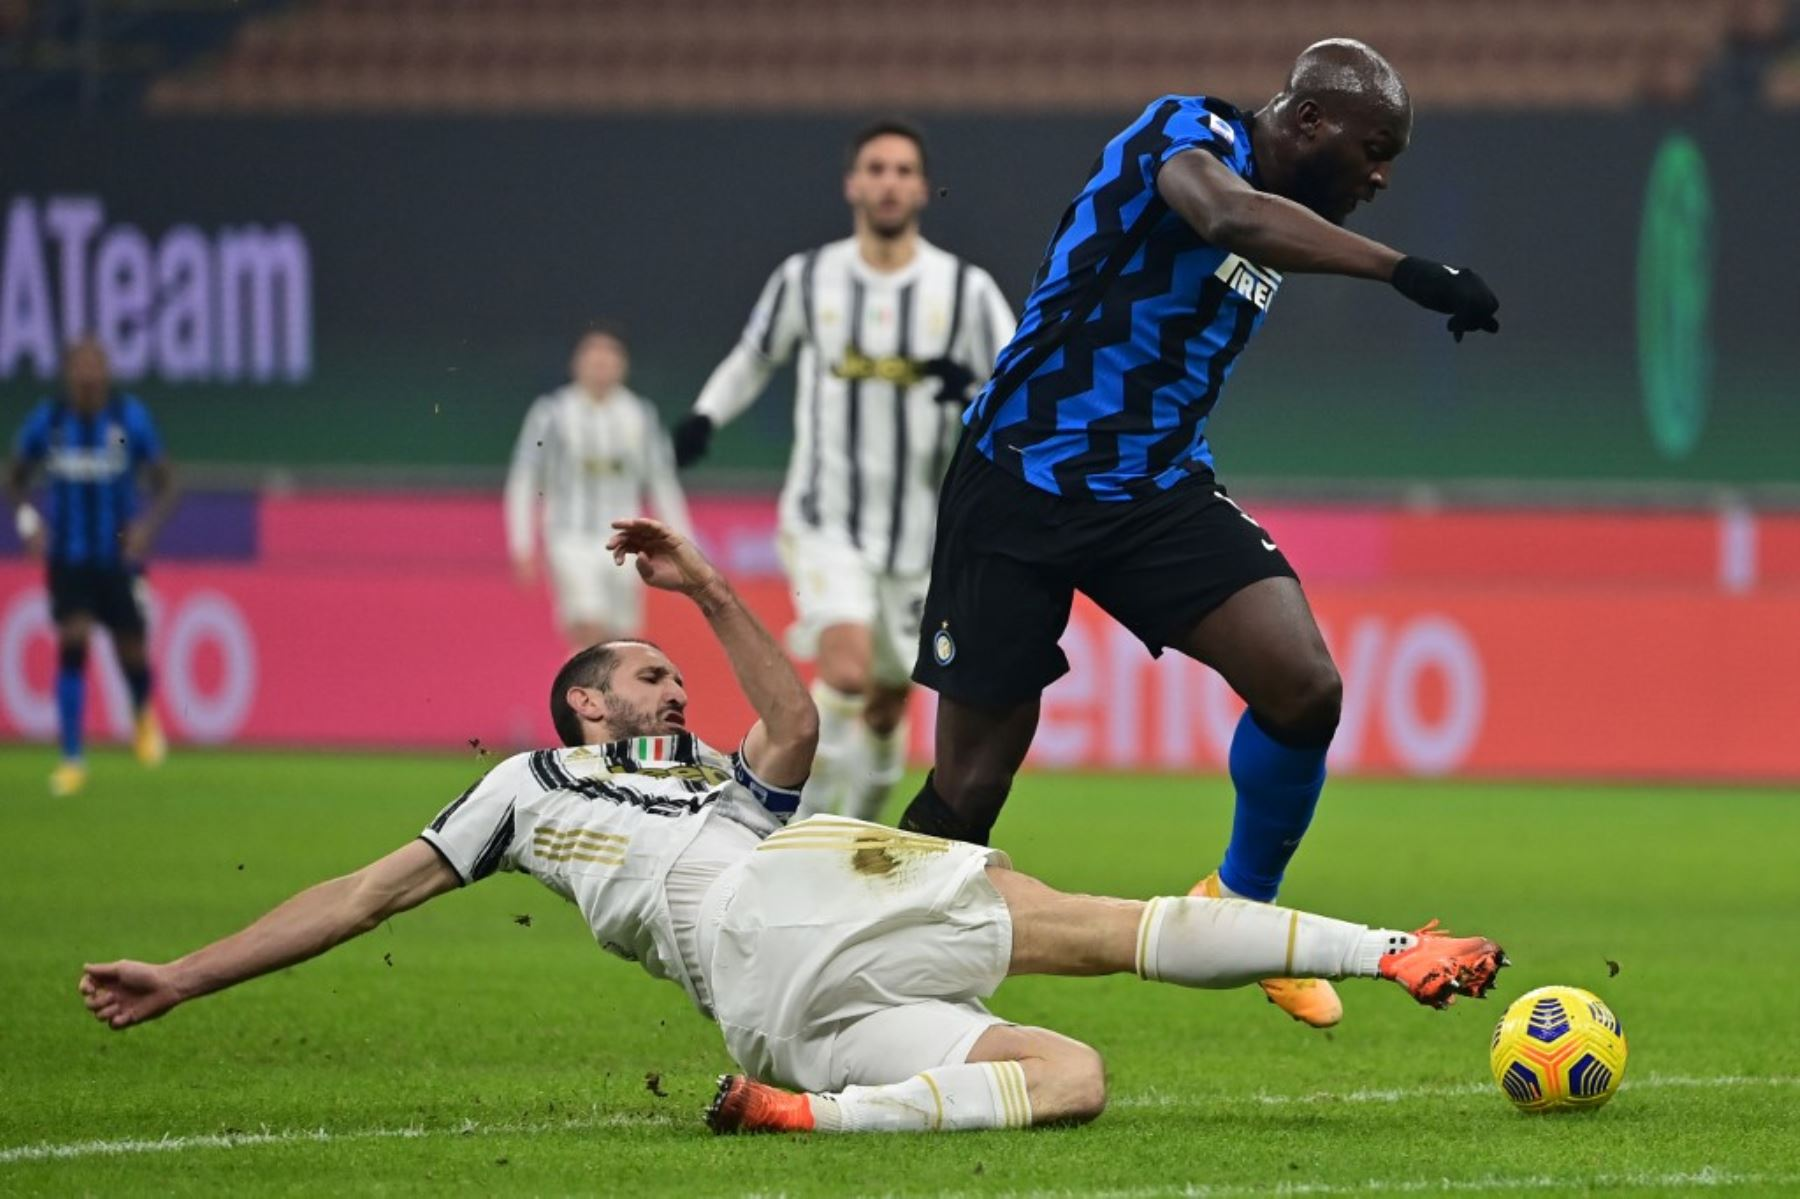 El defensor italiano de la Juventus Giorgio Chiellini (L) intenta abordar al delantero belga del Inter de Milán Romelu Lukaku durante el partido de fútbol de la Serie A italiana Inter vs Juventus. Foto: AFP